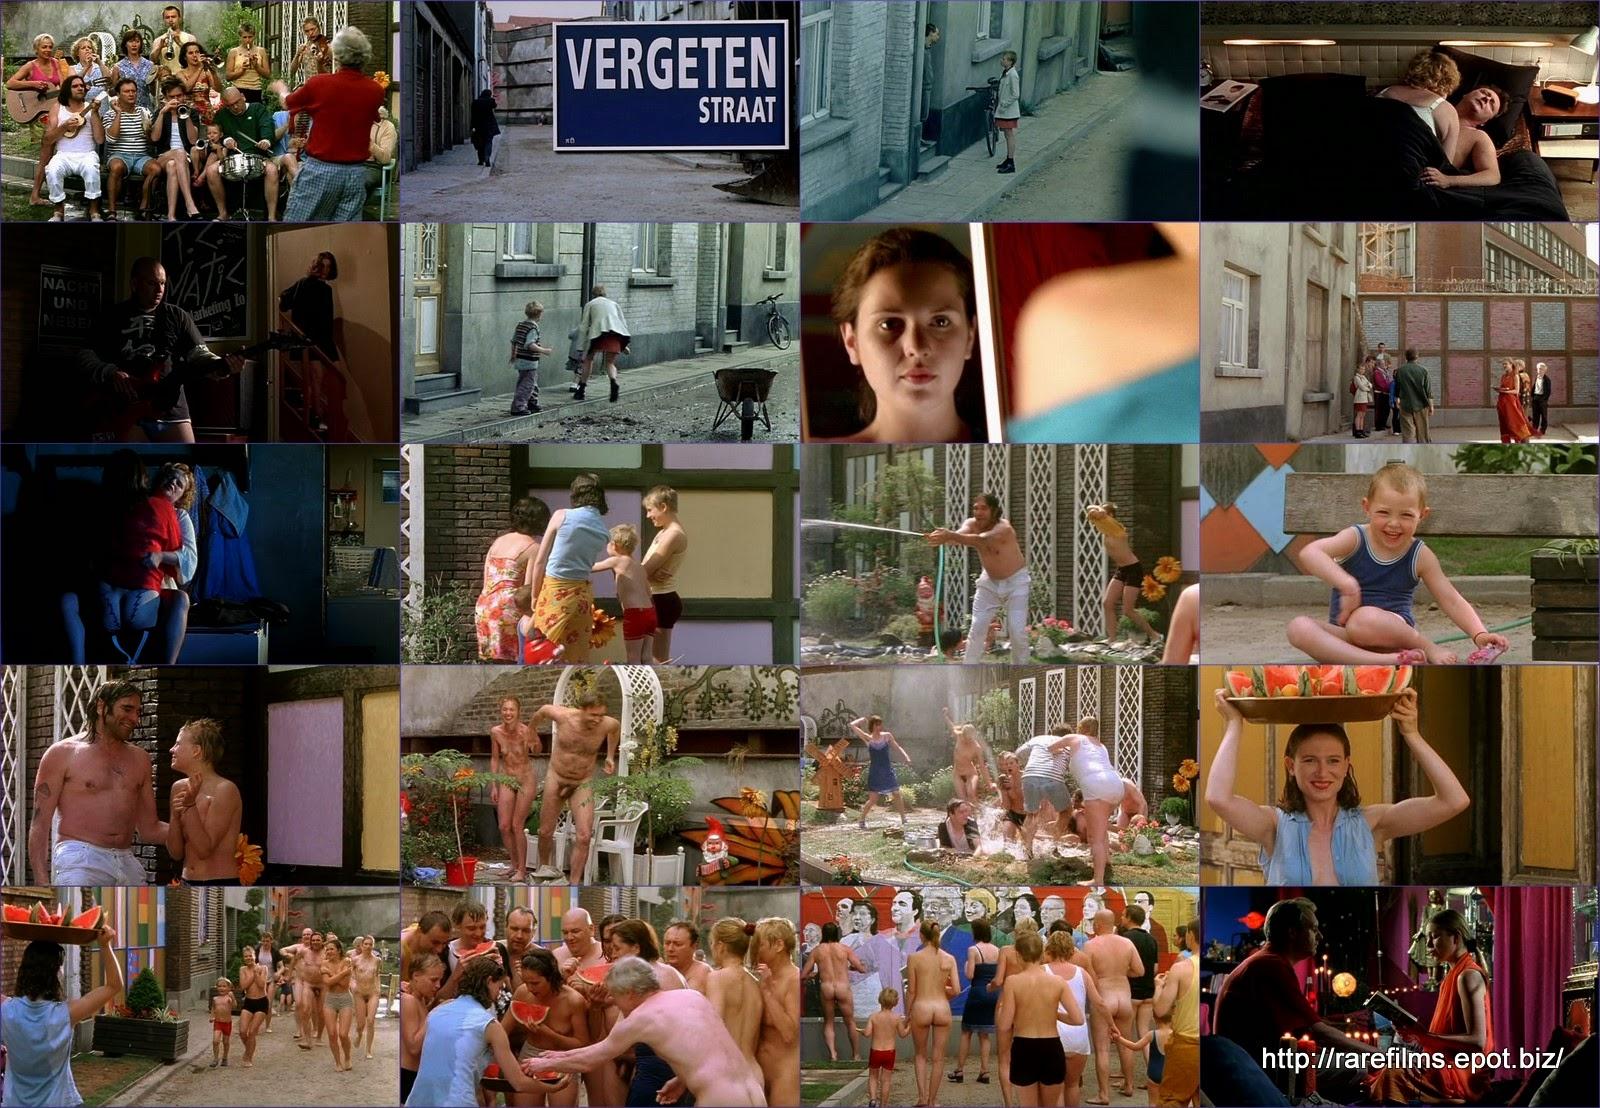 Забытая улица / Vergeten straat. 1999.